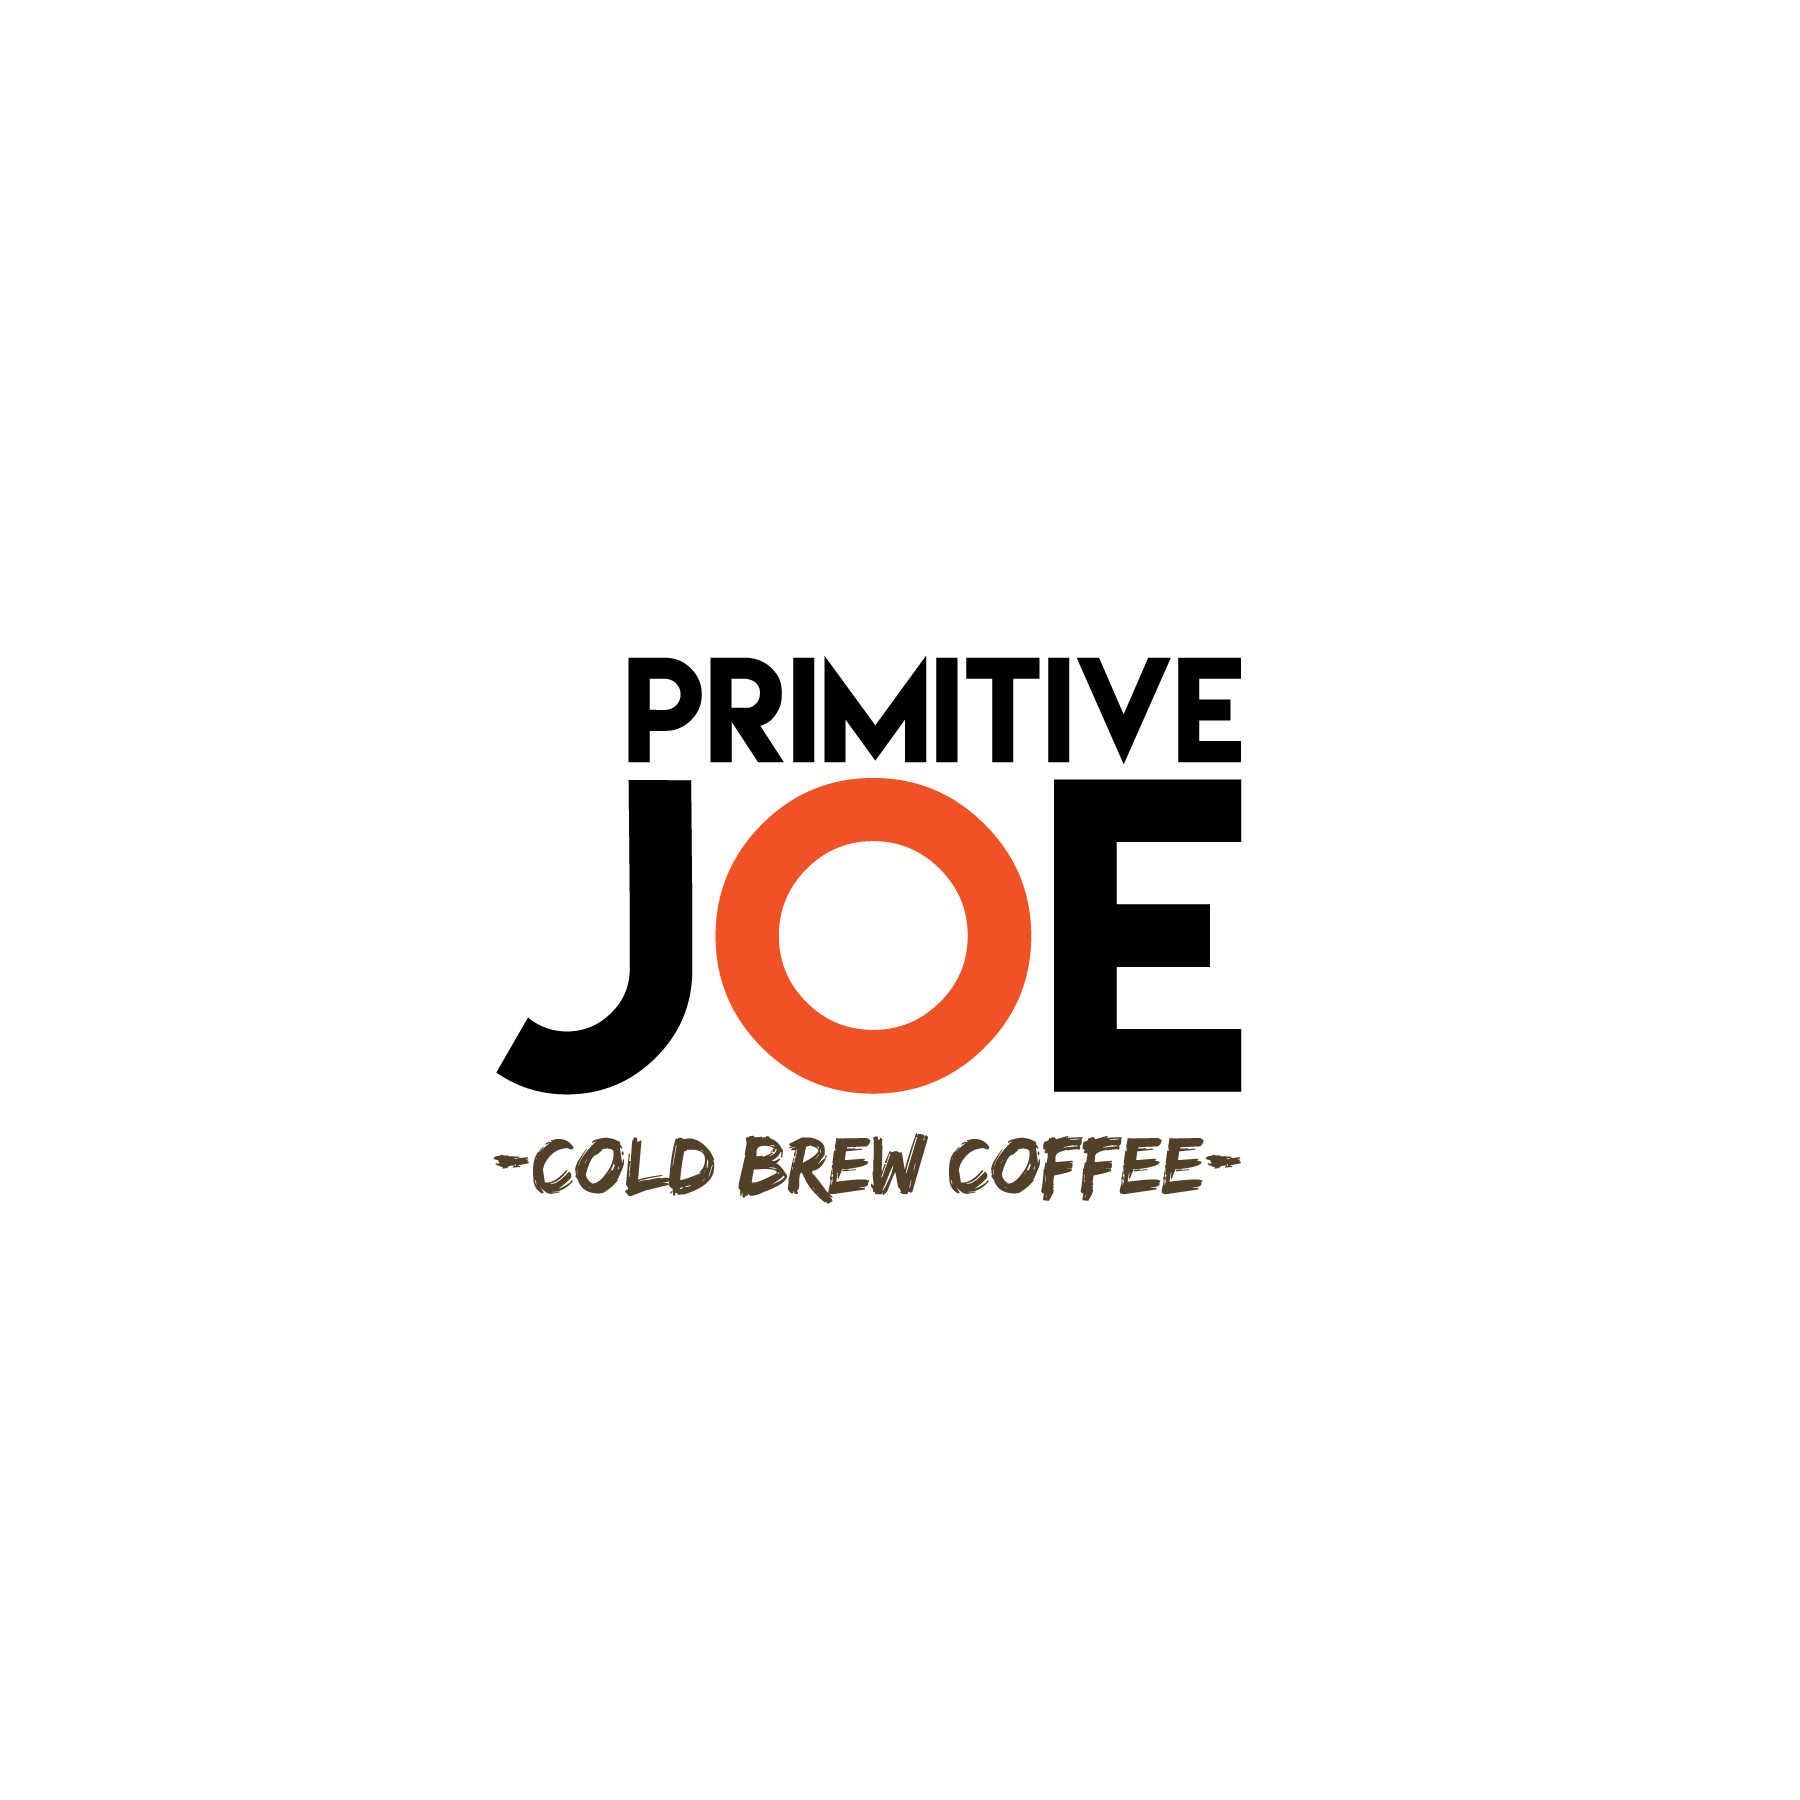 primitive-joe-01.png